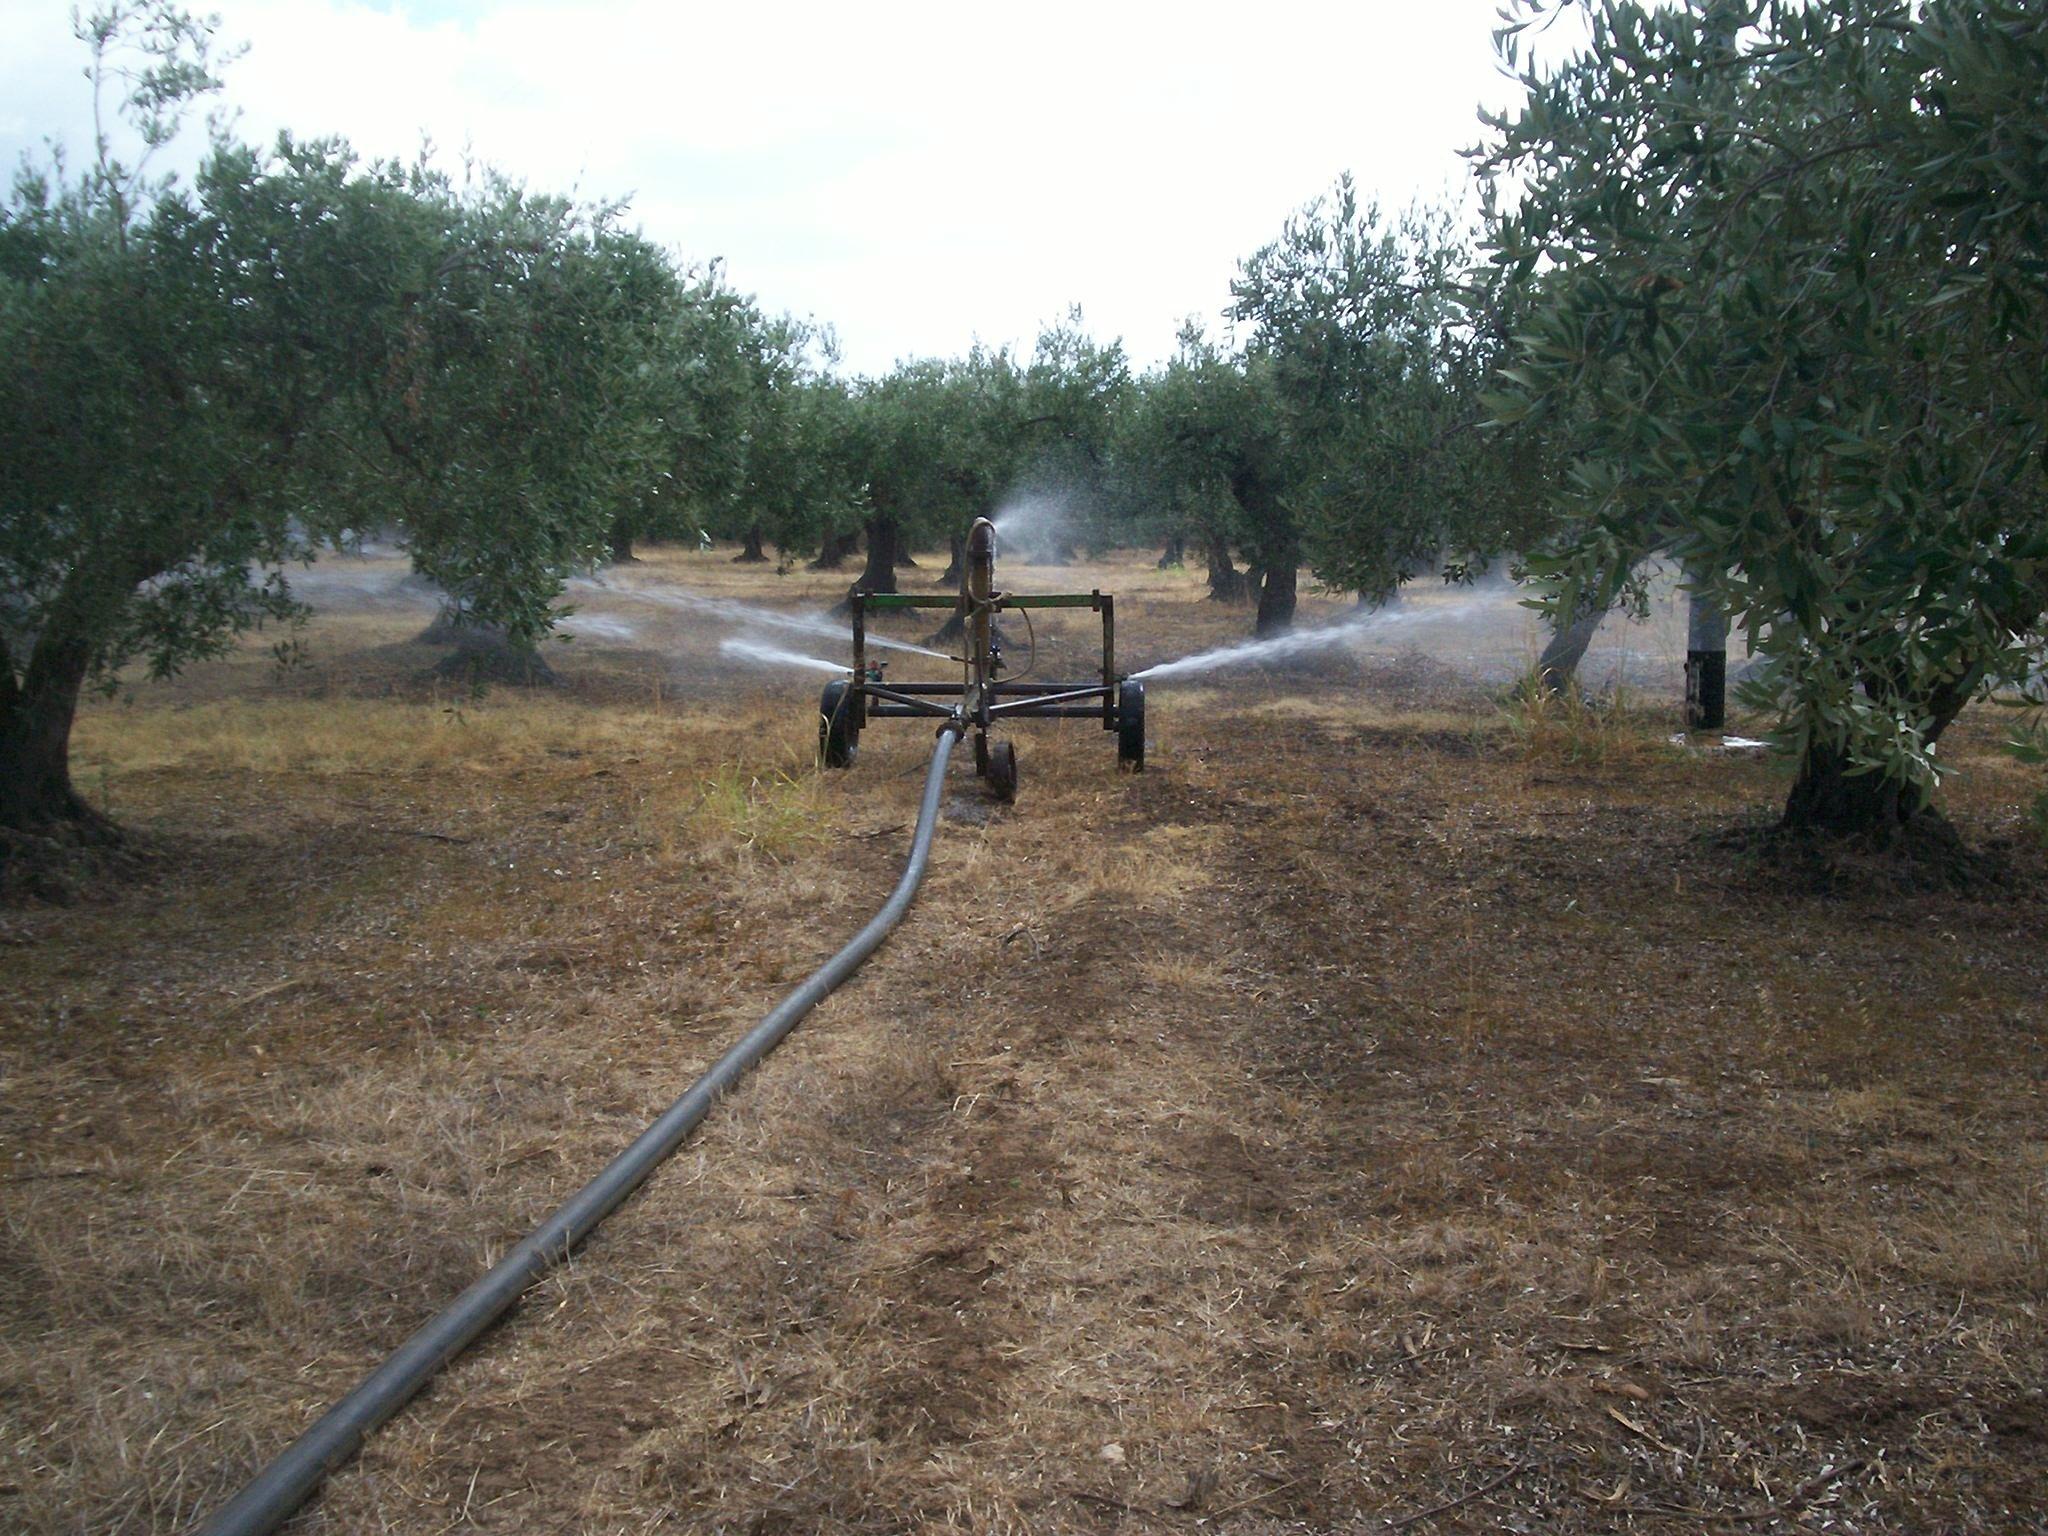 Aspersione irriwiki for Irrigazione per aspersione